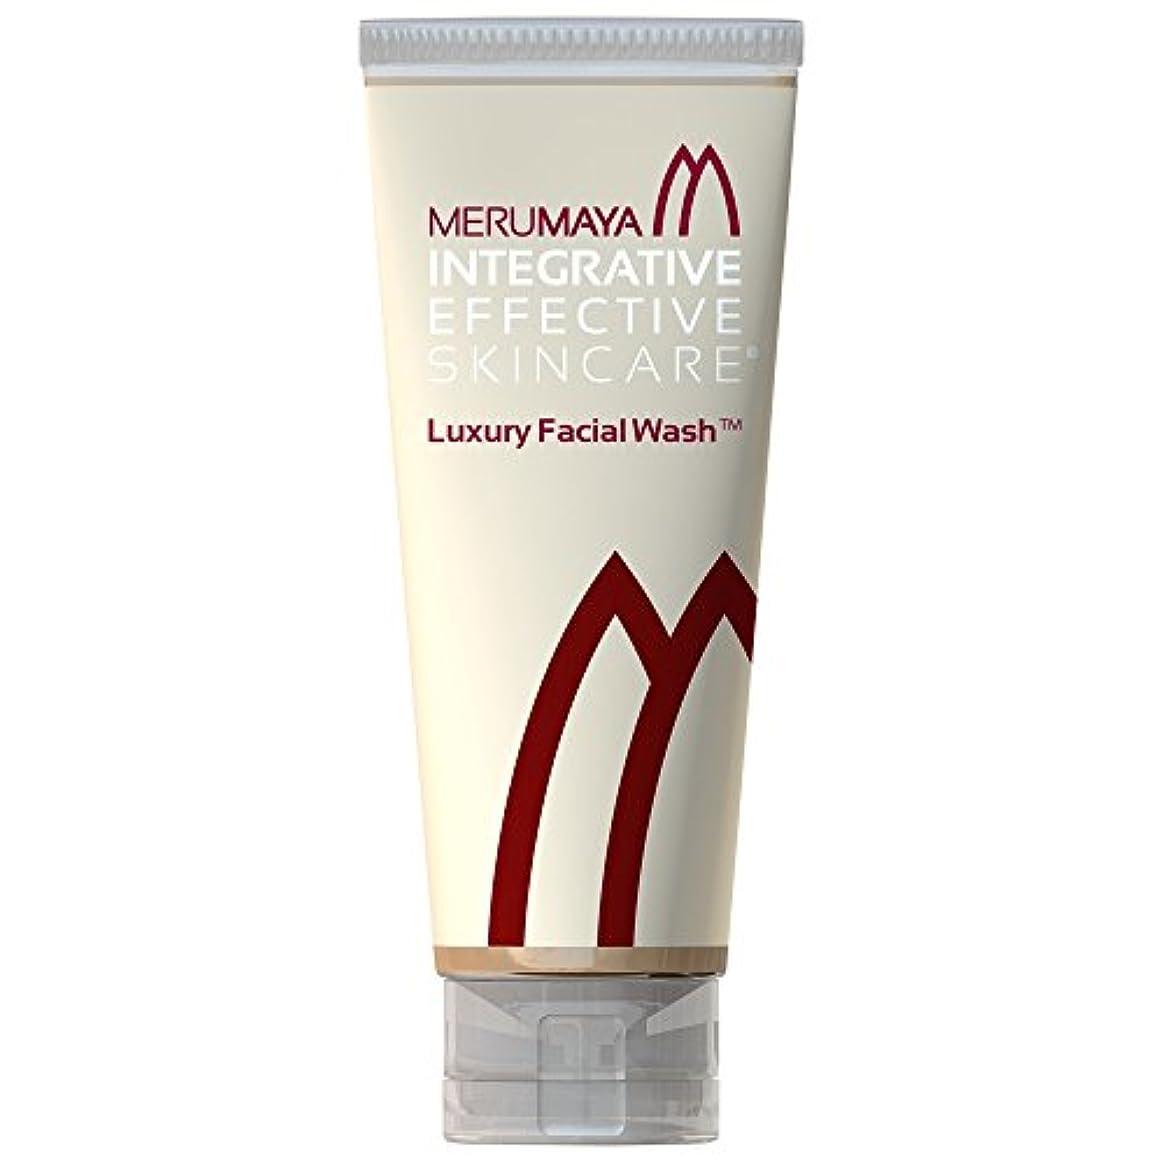 抵抗力があるお祝いリア王Merumaya高級洗顔?、100ミリリットル (Merumaya) (x6) - MERUMAYA Luxury Facial Wash?, 100ml (Pack of 6) [並行輸入品]